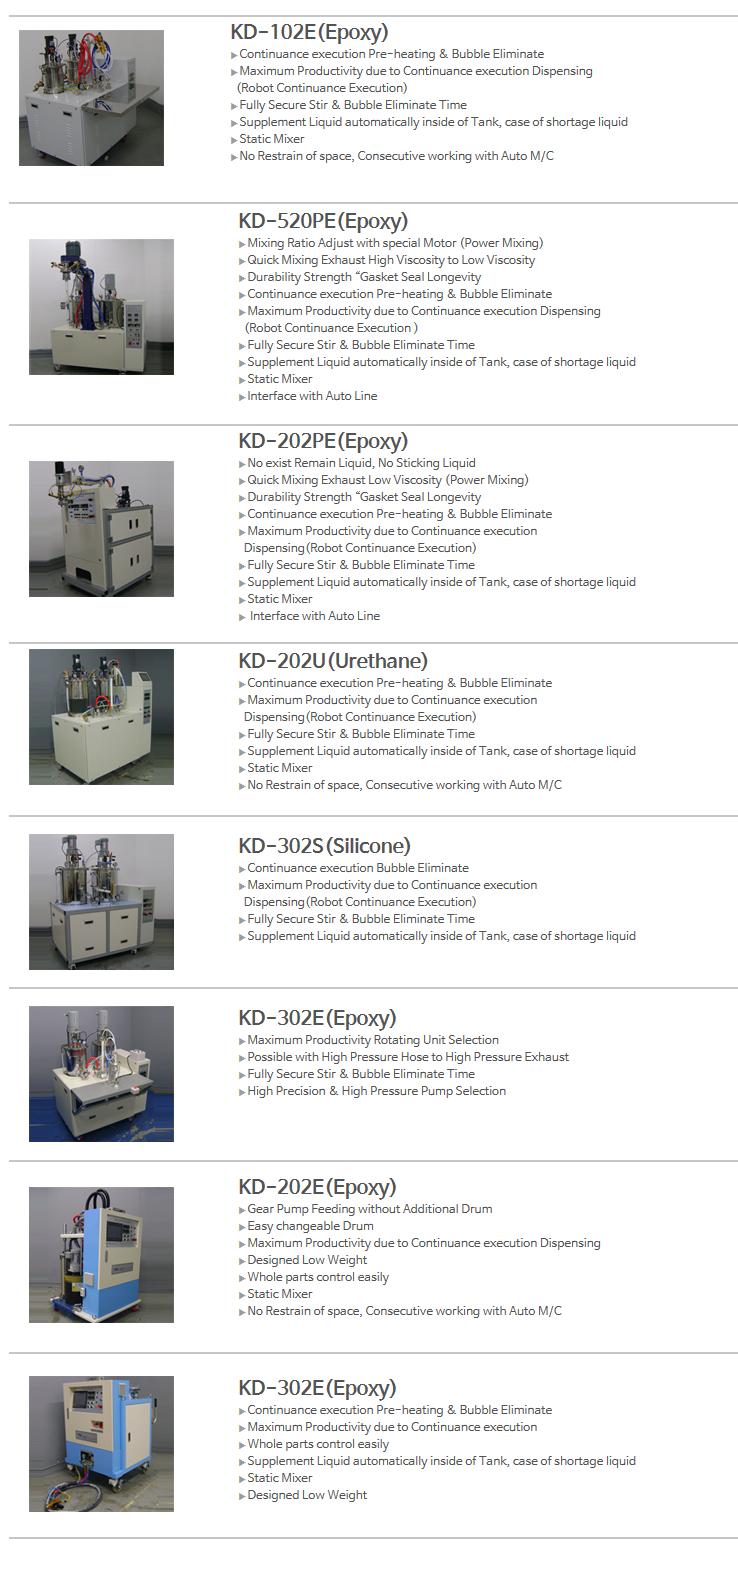 KNDSYSTEM 2K Liquid Dispenser